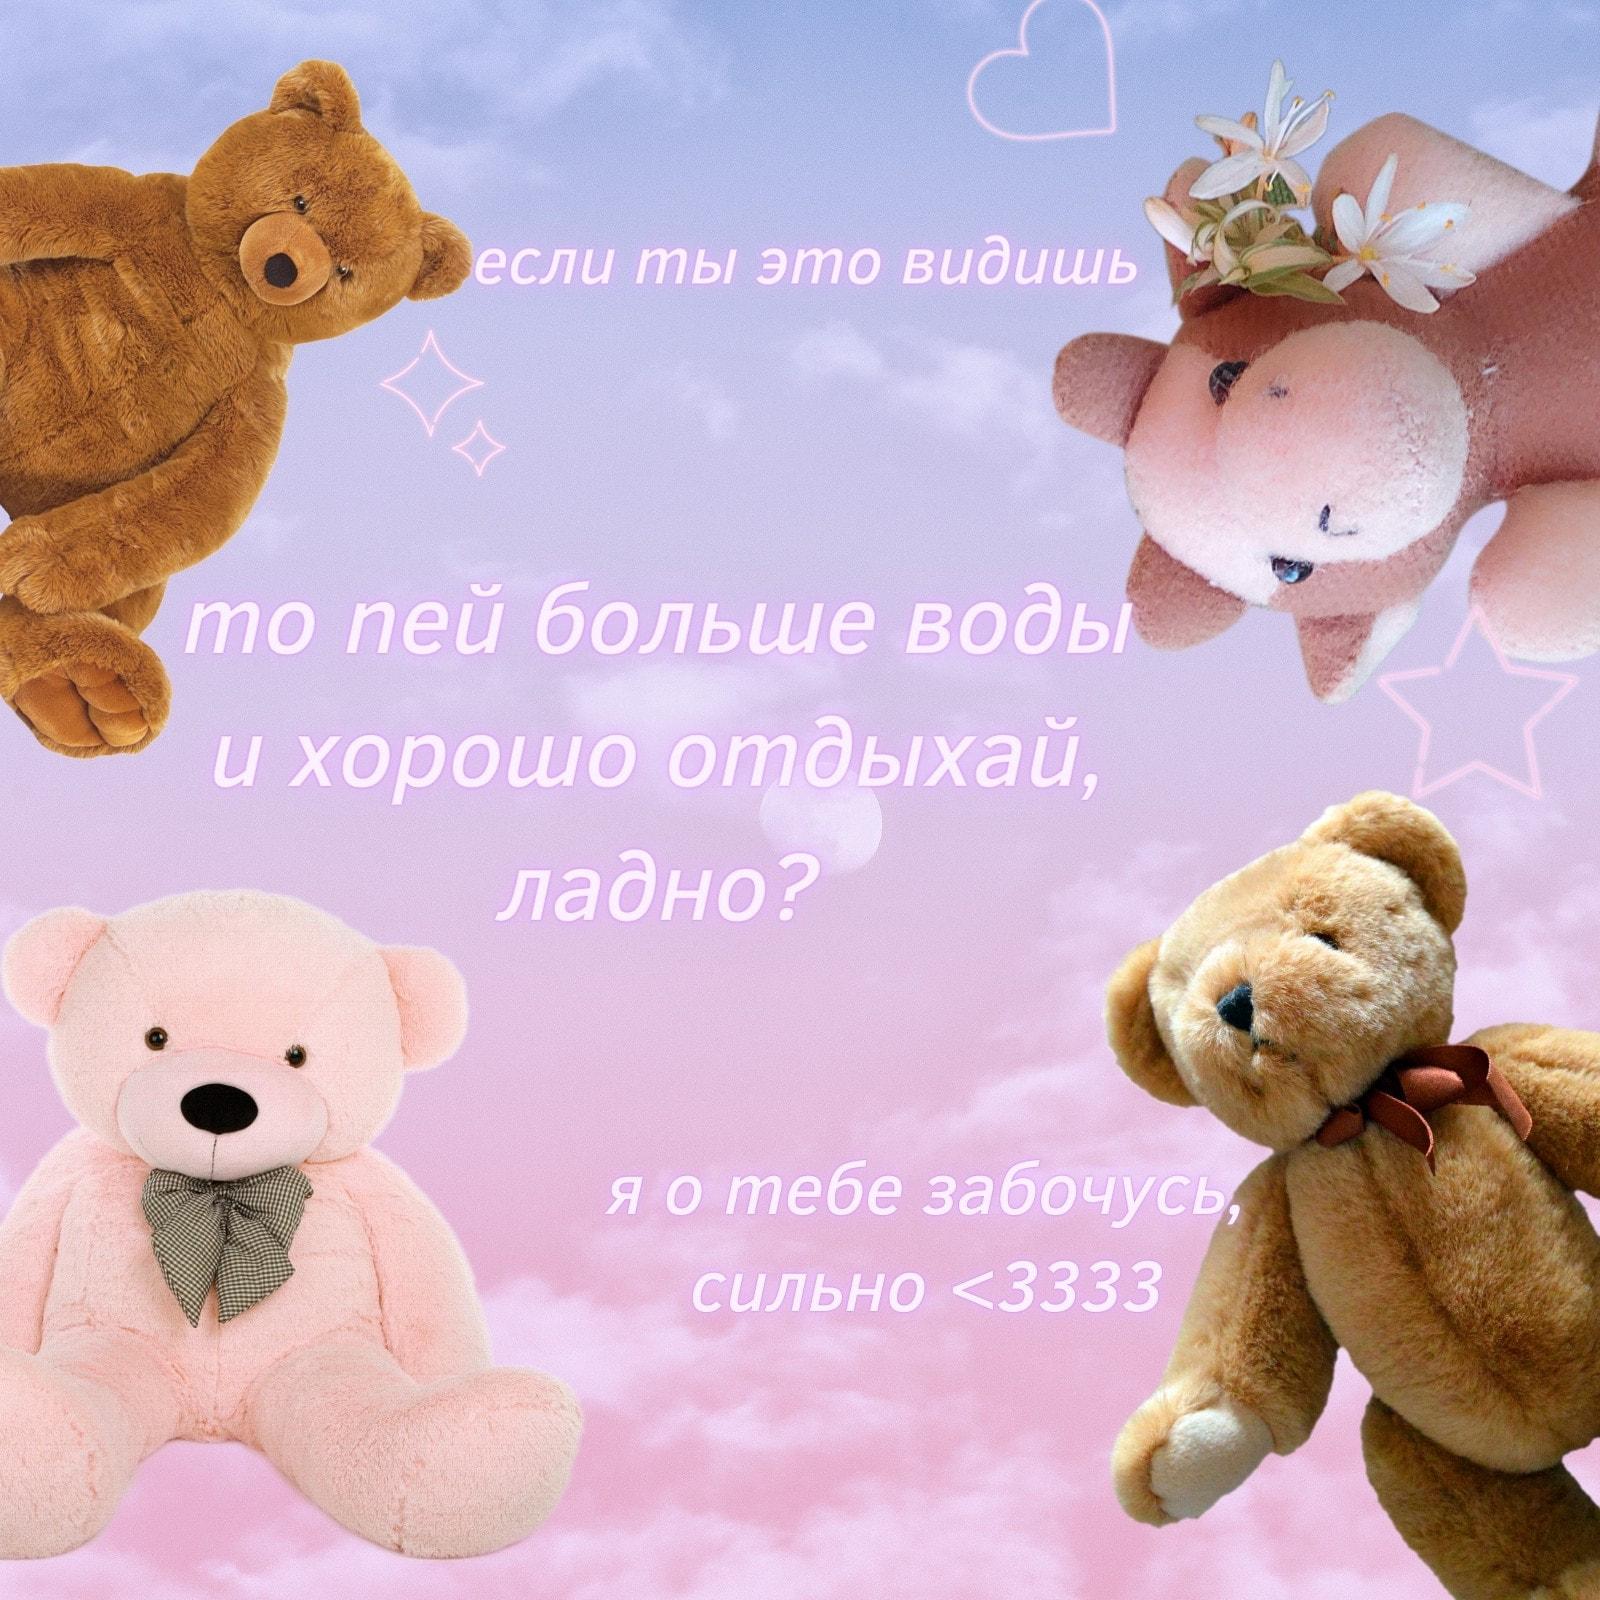 Розовый Медведь Необычный Градиентный Полезный Квадрат Вдохновляющий Мем